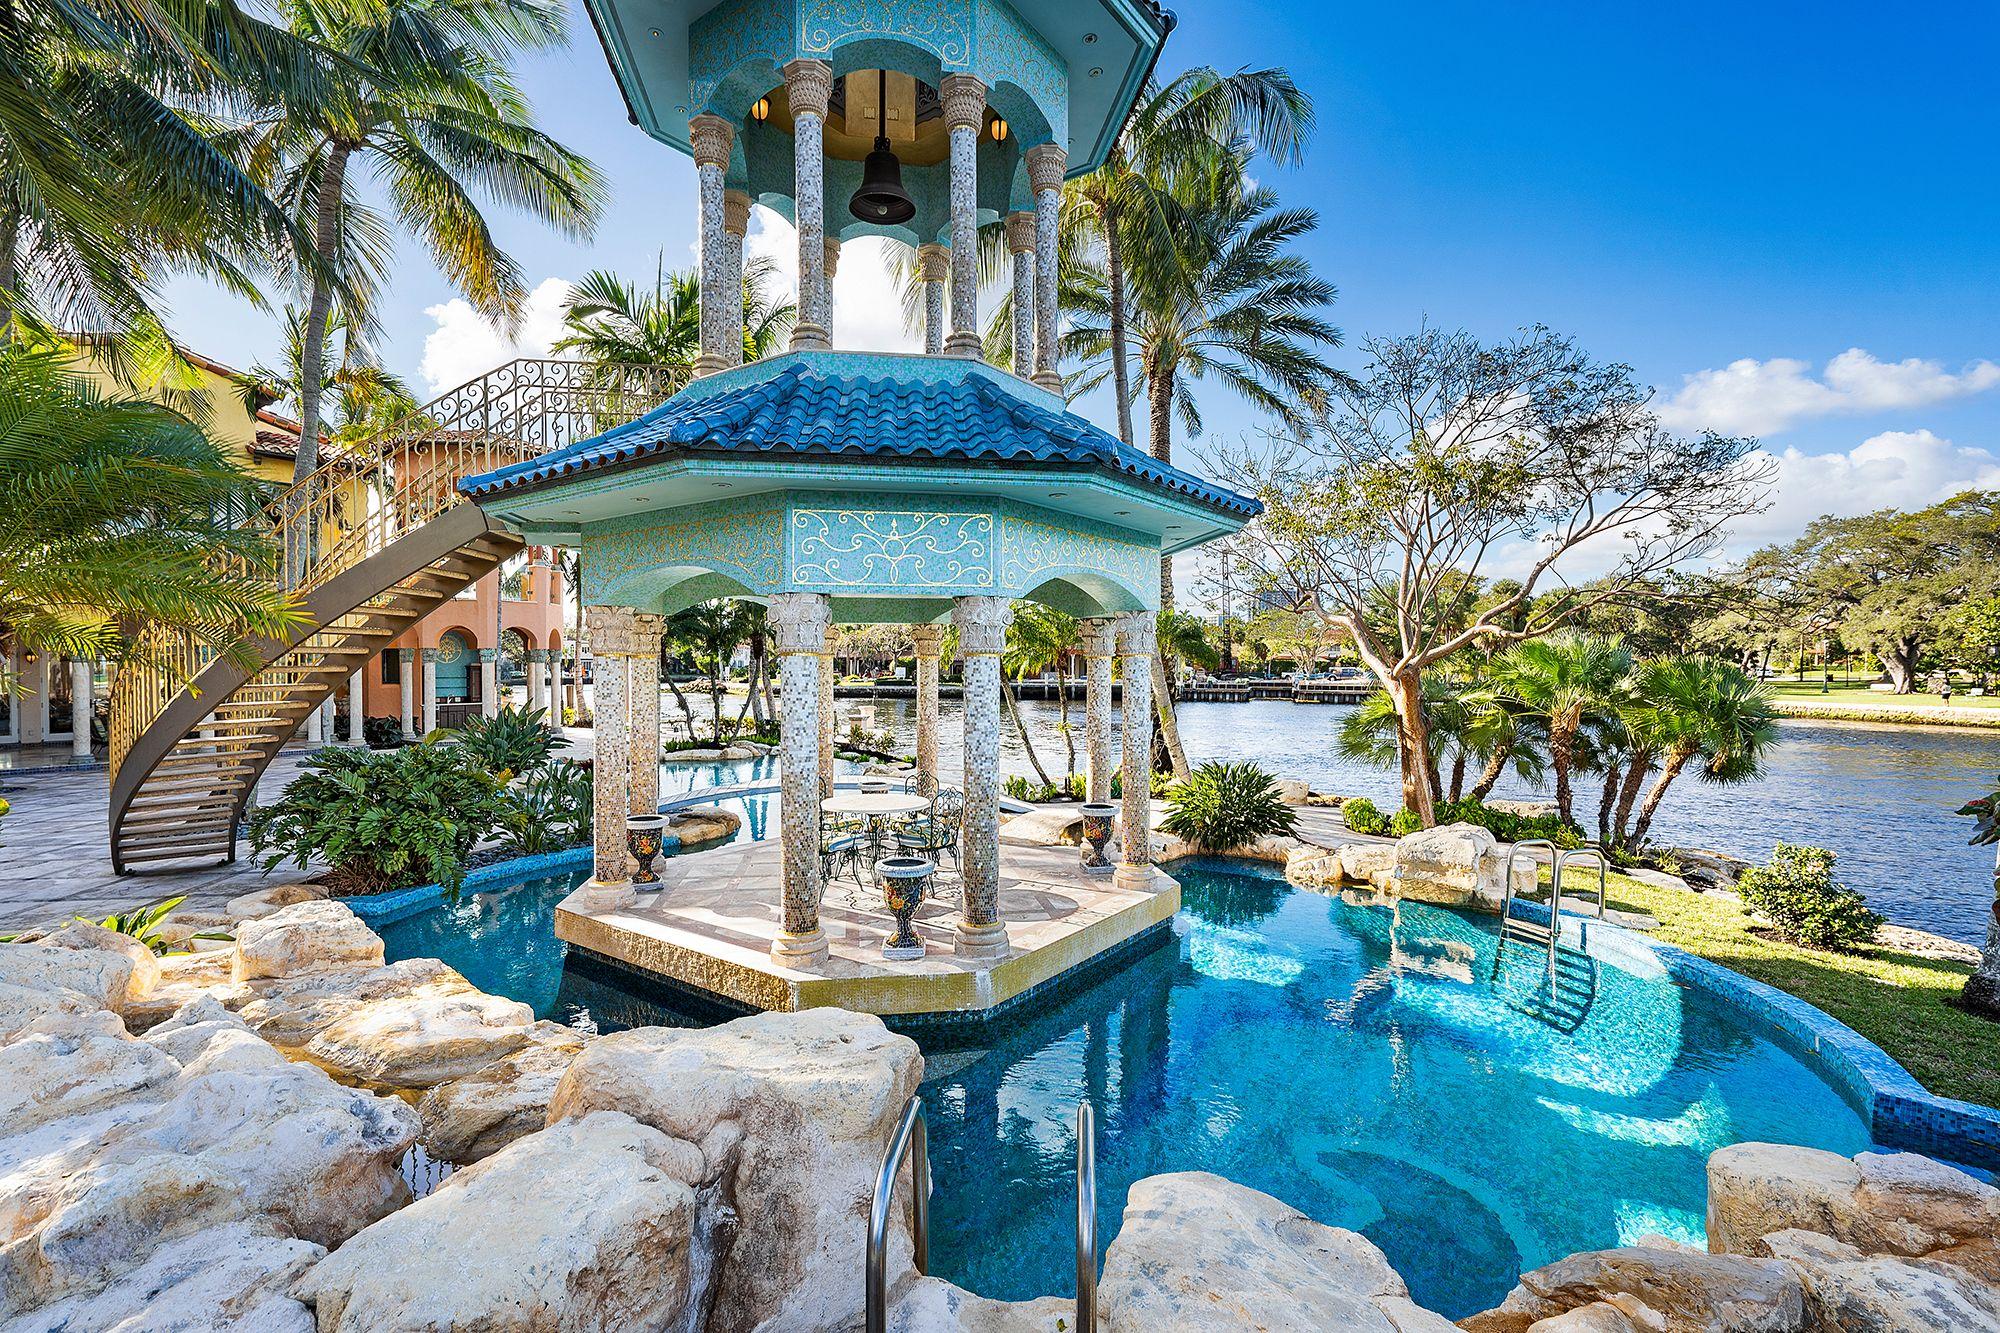 La casa del fundador de Blockbuster en Florida sale a subasta